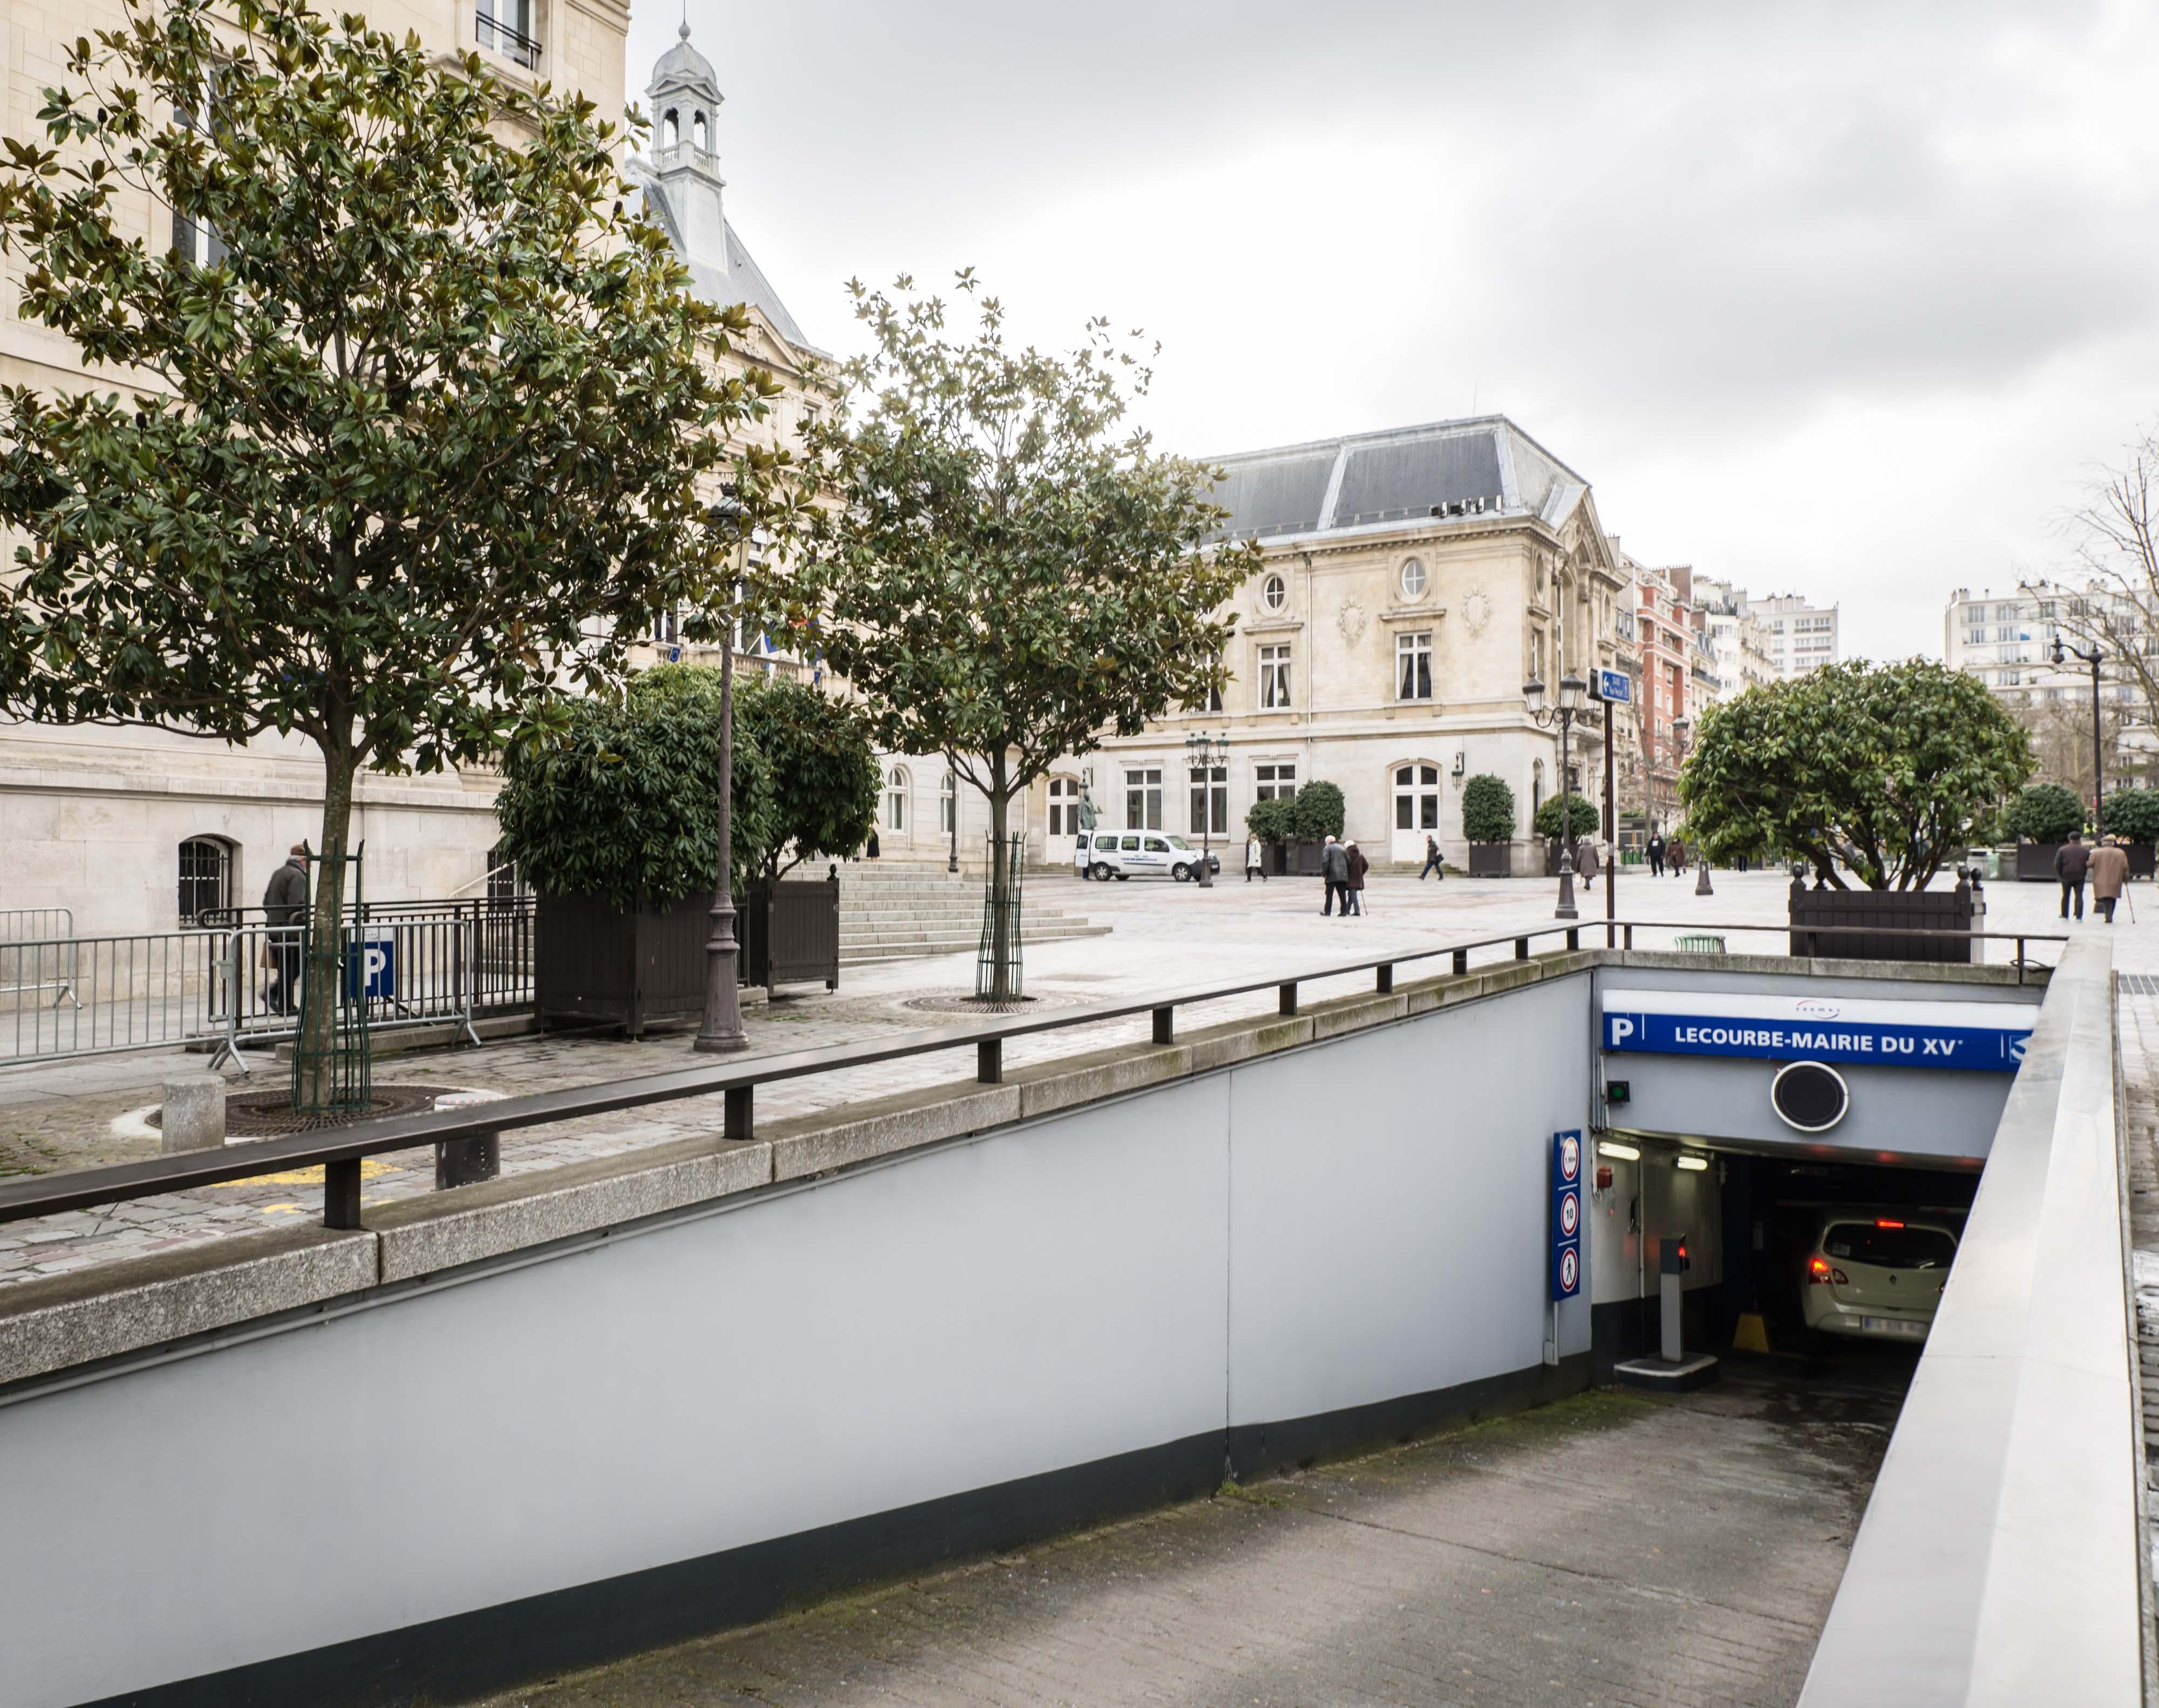 Saemes Parking Mairie Du 15ème - Lecourbe Paris